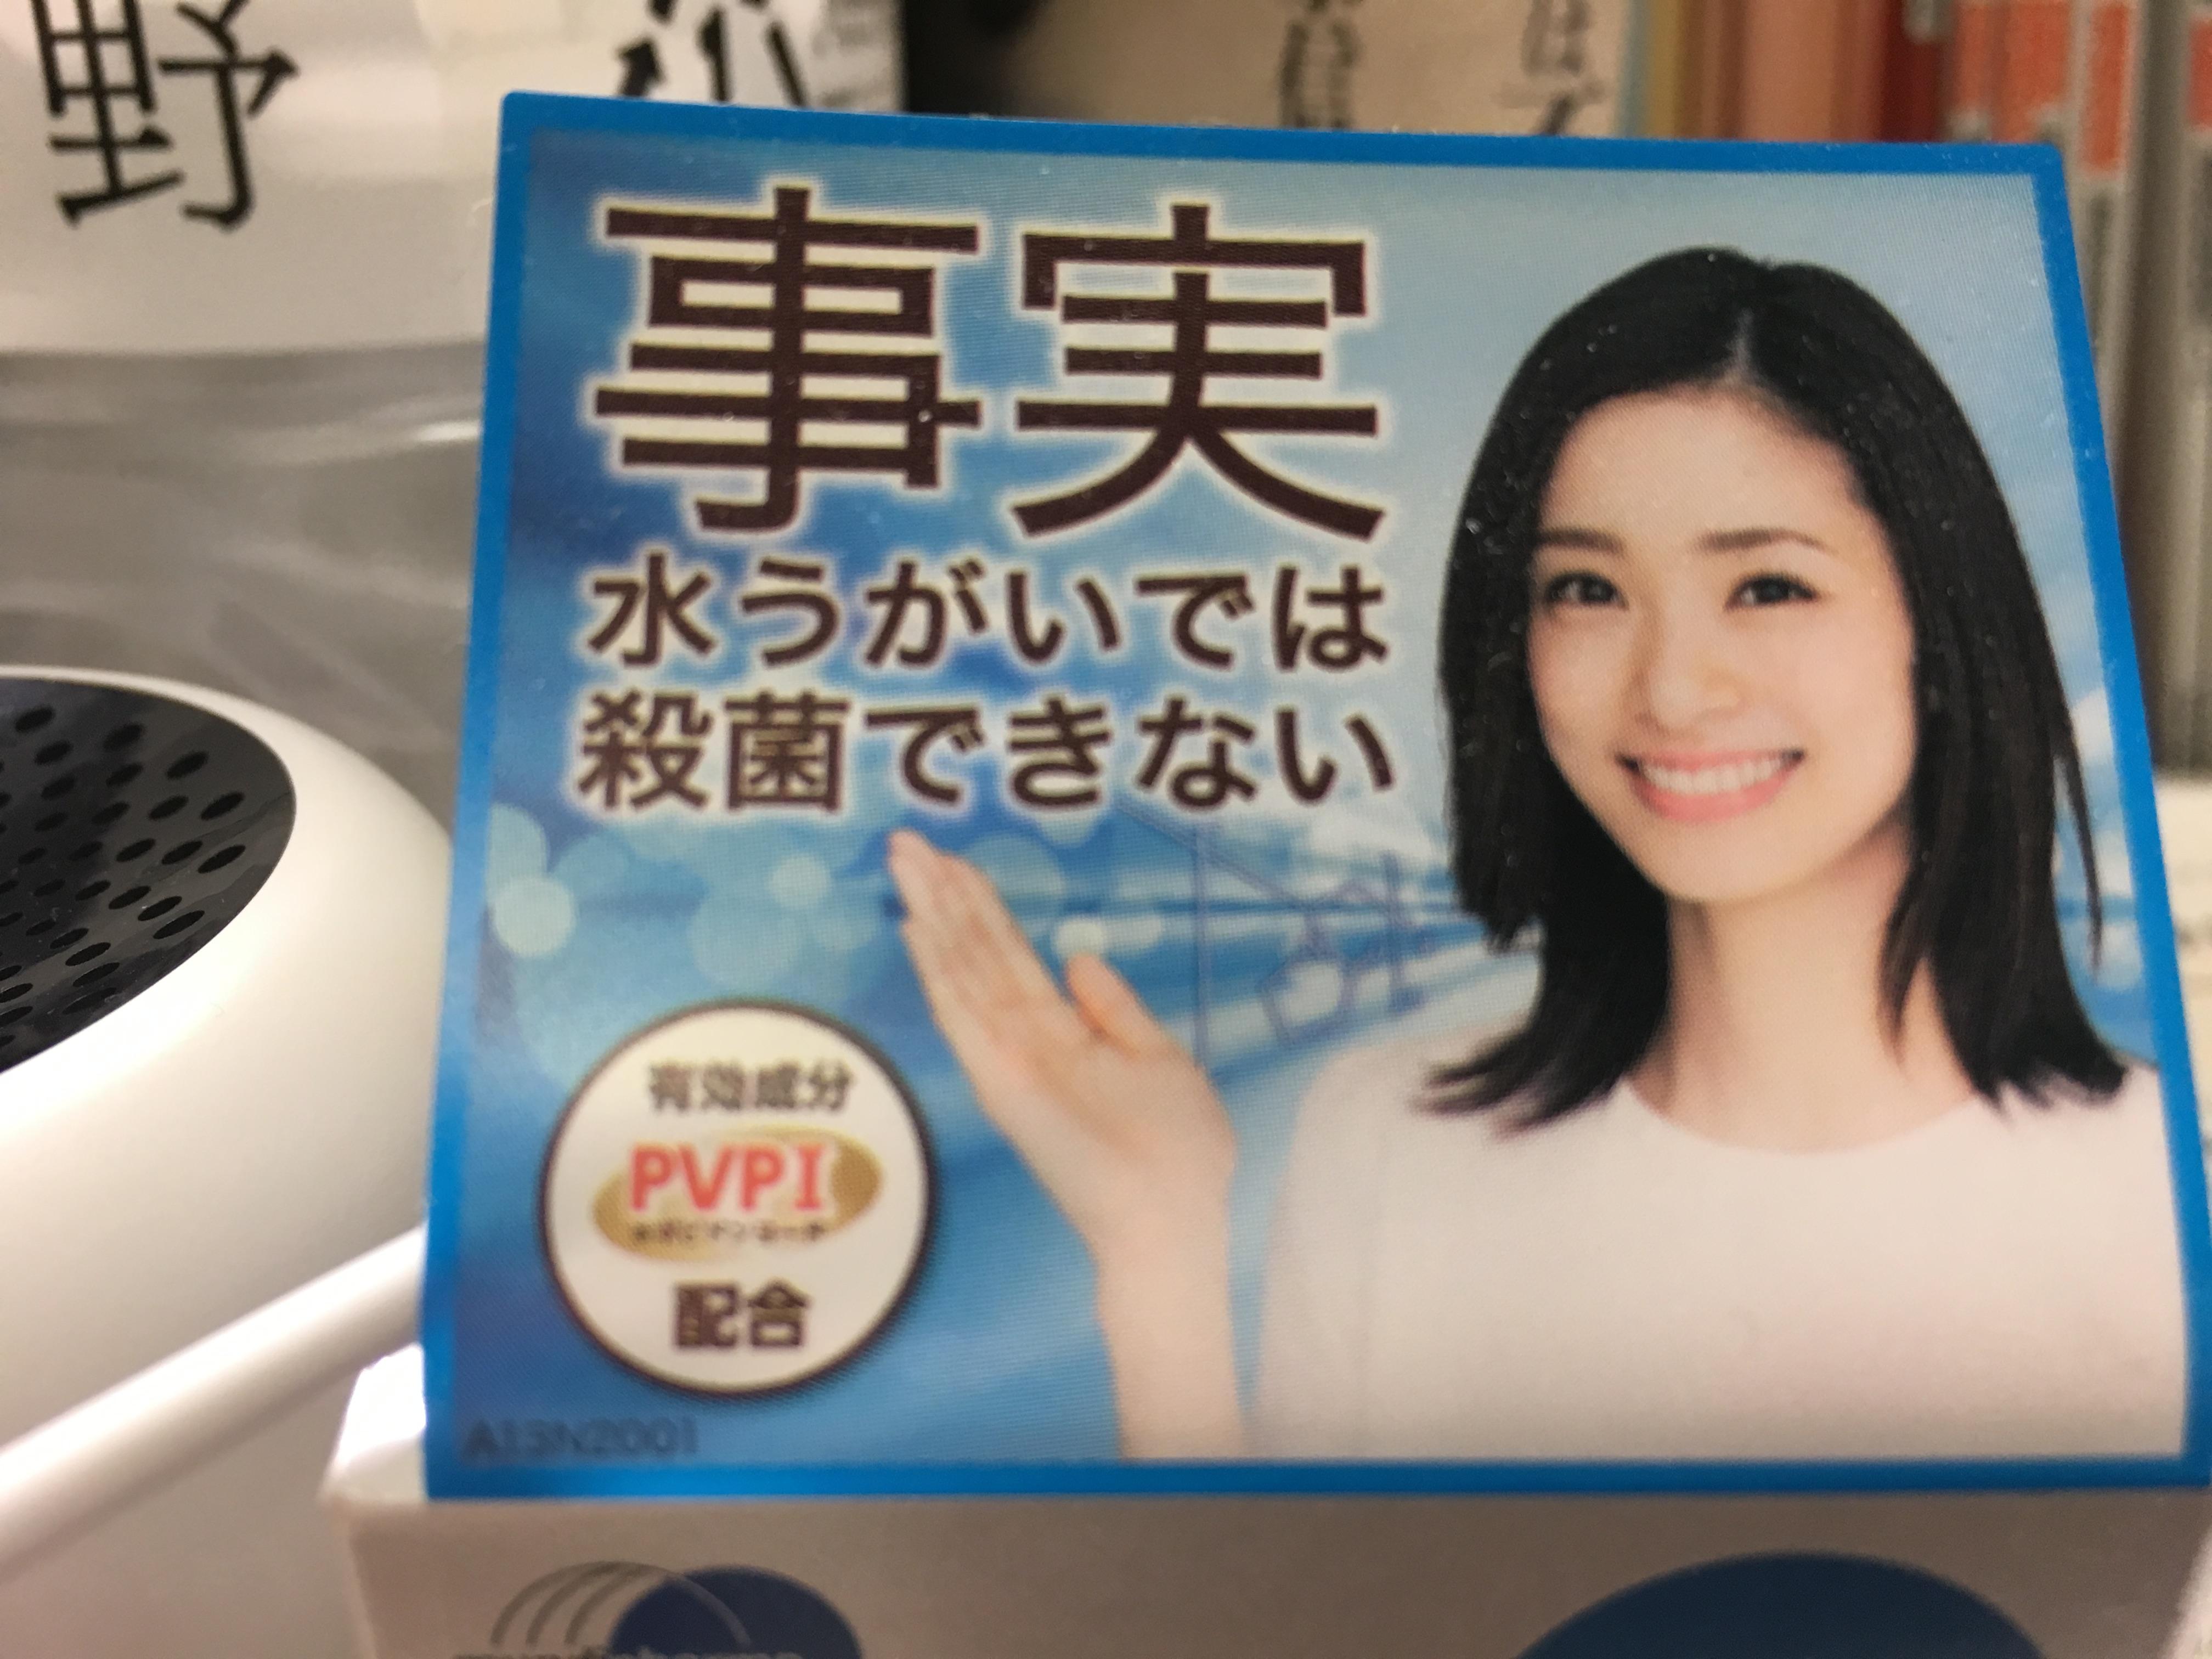 風邪対策も徹底的にやりましょう。マスク、手洗いうがい、加湿器。